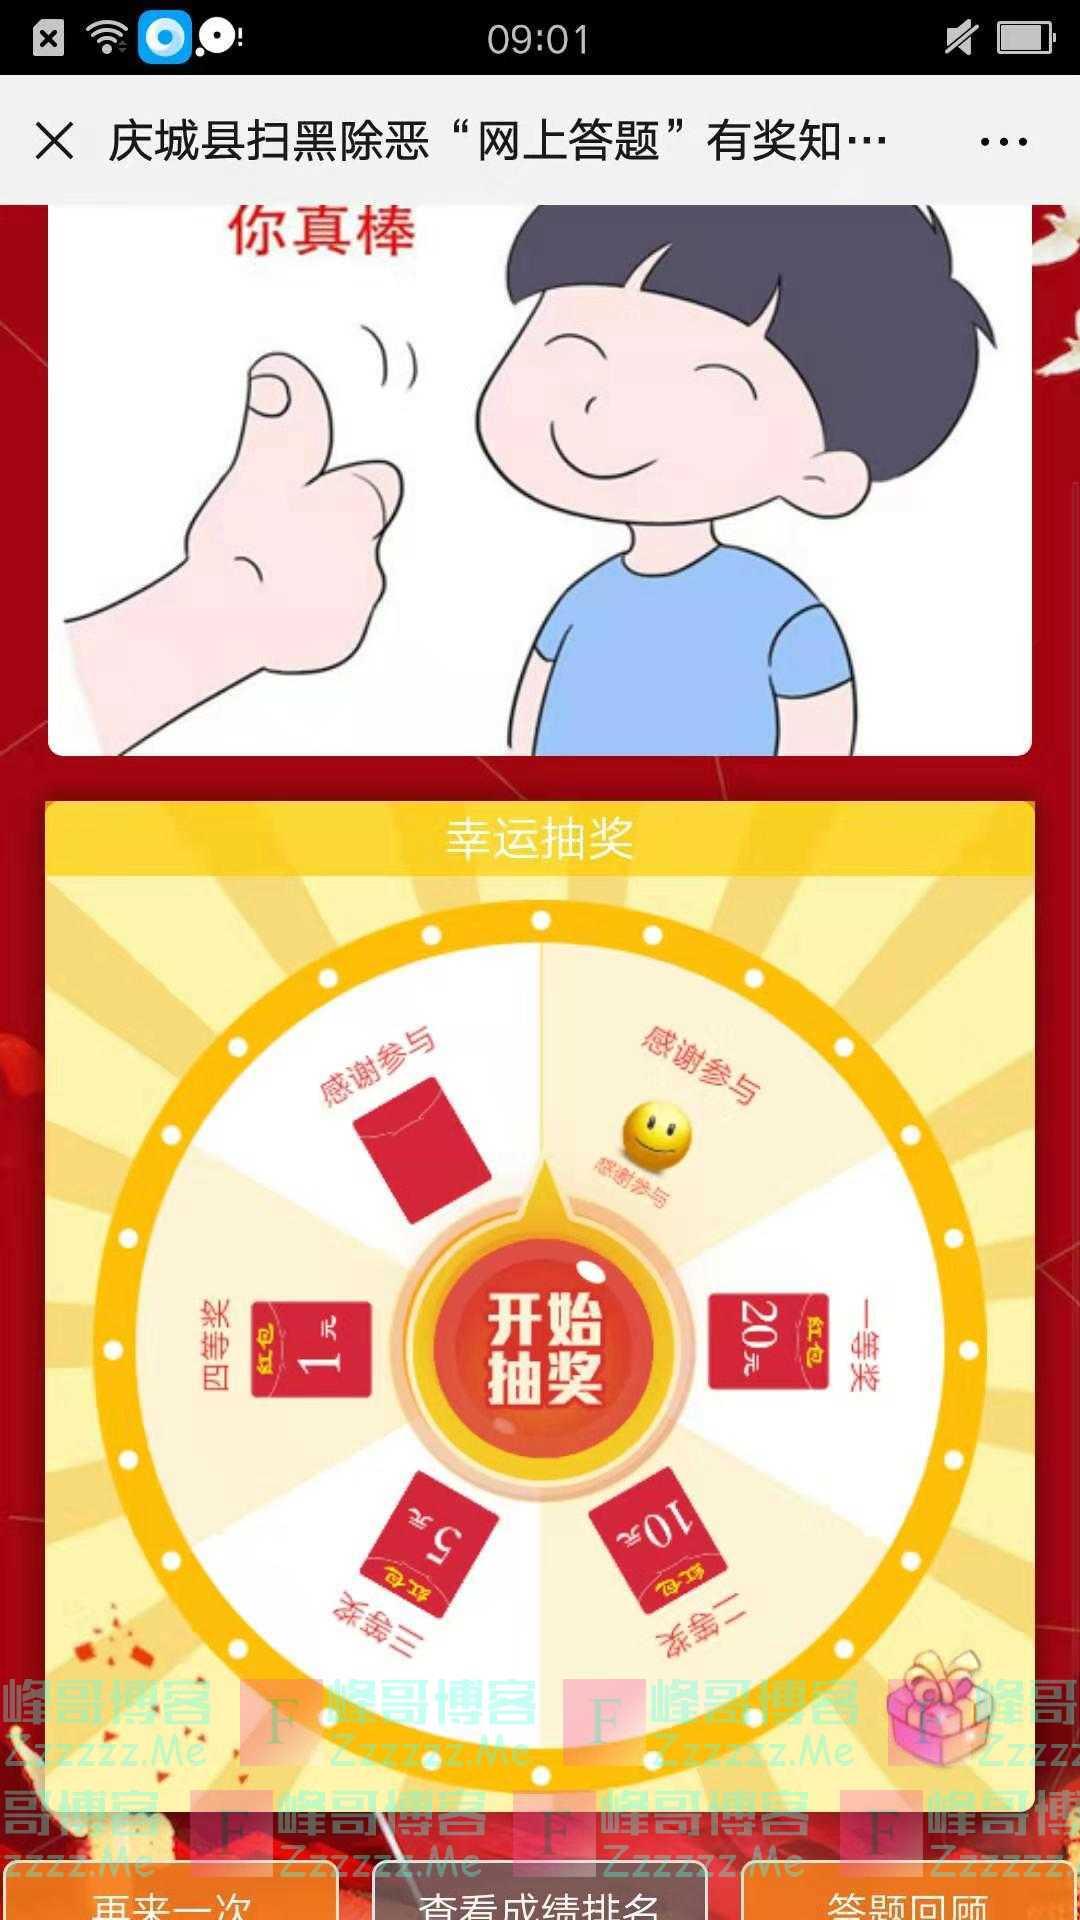 庆城云扫黑除恶有奖答题抽红包(截止1月14日)